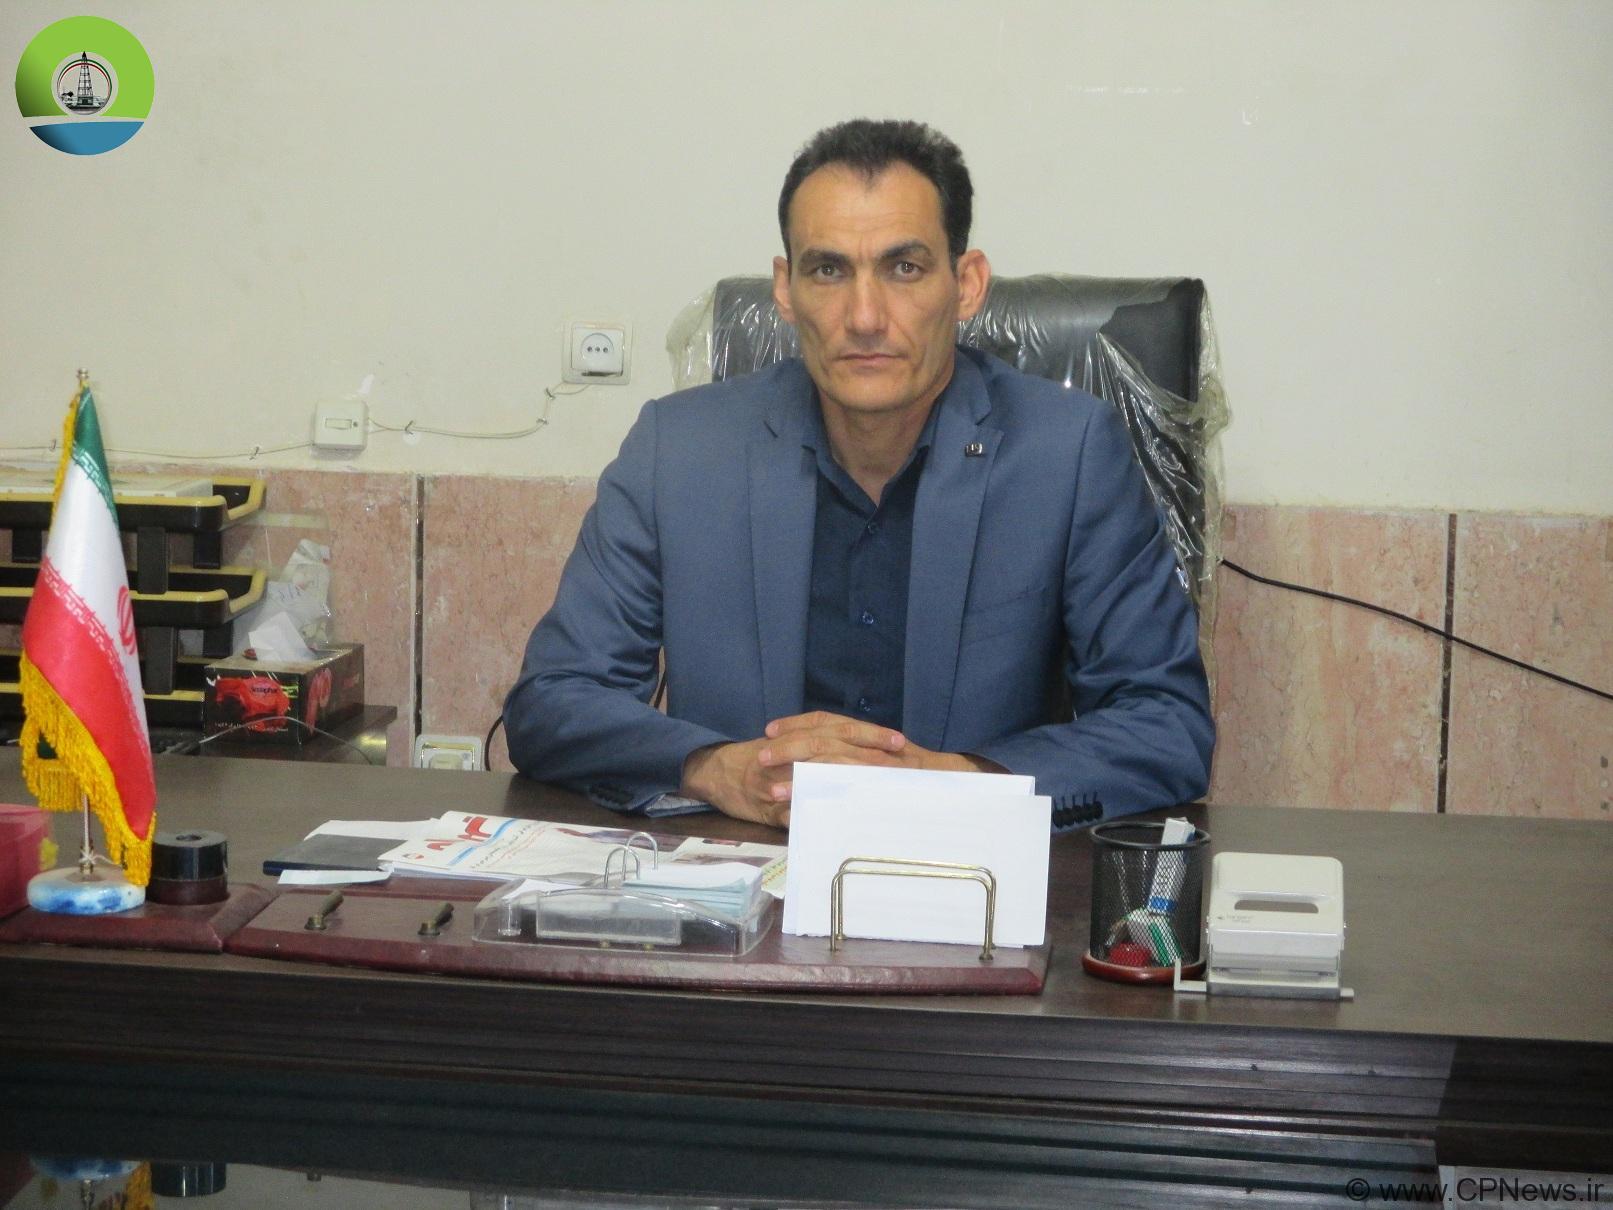 رئیس اداره ورزش و جوانان مسجدسلیمان: مجموعه ورزشی شهیدبهزادنیا میتواند میزبان لیگهای برتر استانی فوتبال باشد